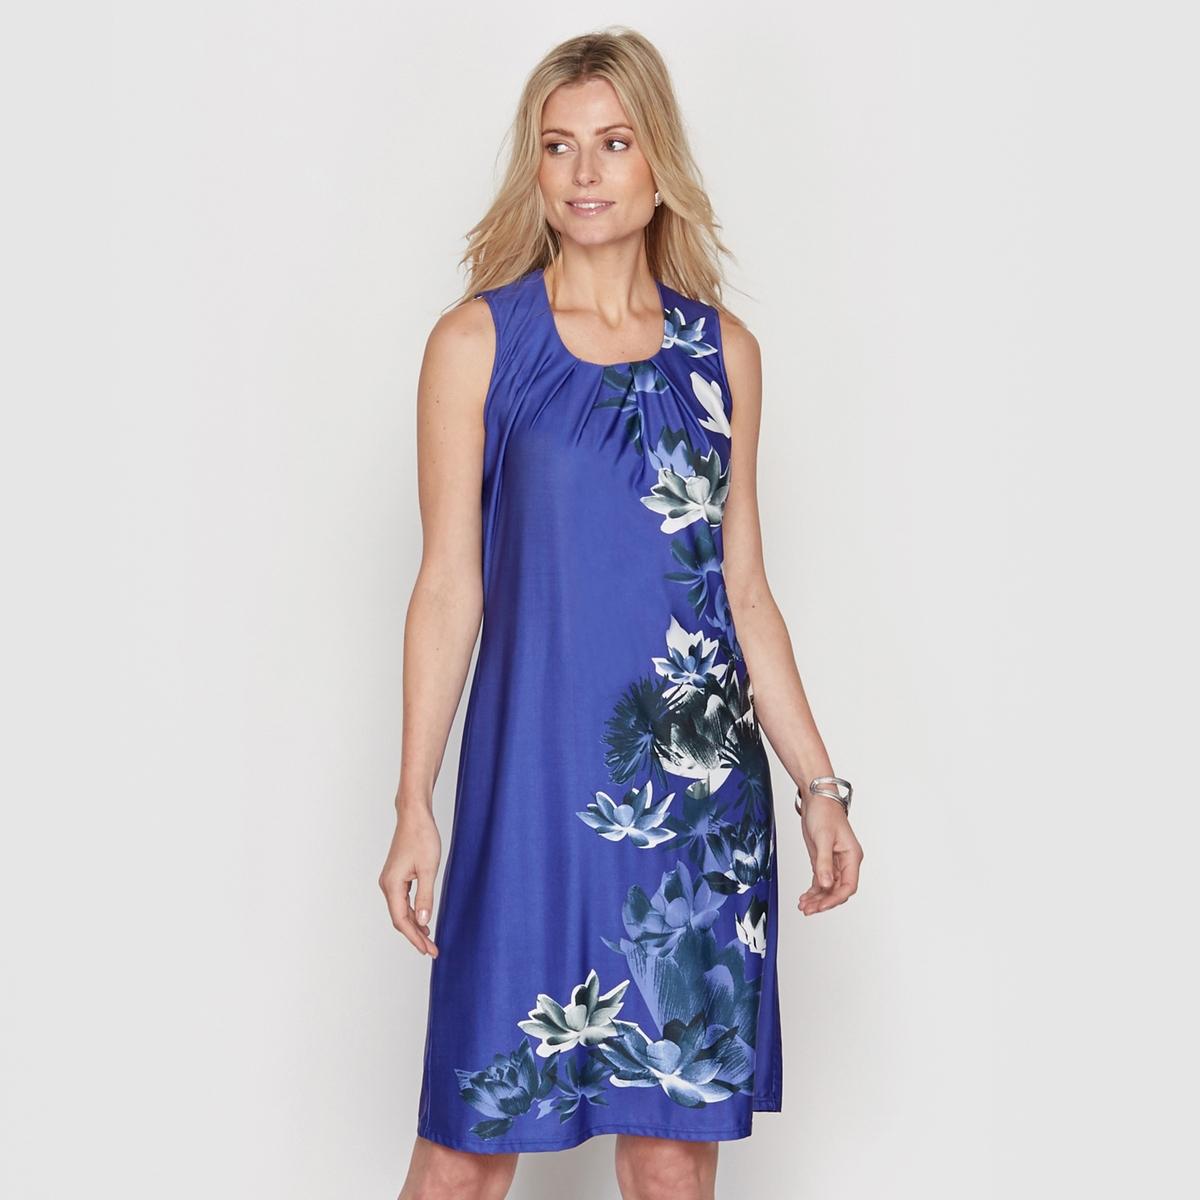 Платье без рукавовПлатье без рукавов. Круглый вырез.  Принт спереди. Складки по вырезу. Вырез-капелька и застежка на пуговицу на спине. Длина. 90 см. Струящийся трикотаж, 91% полиэстера, 9% эластана.<br><br>Цвет: Синий/рисунок на синем фоне<br>Размер: 38 (FR) - 44 (RUS).44 (FR) - 50 (RUS)